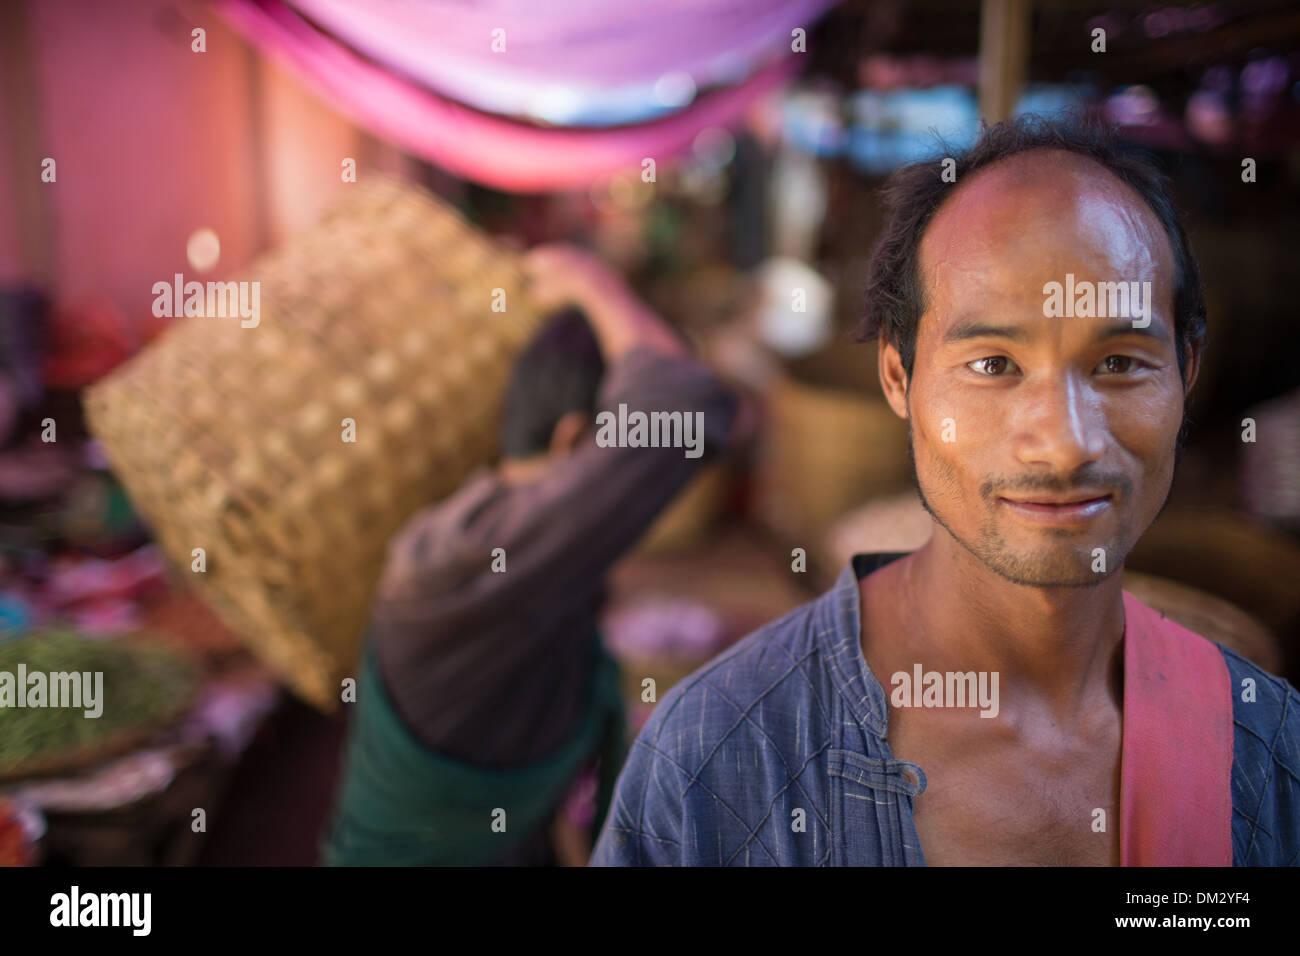 El mercado a Pyin Oo Lwin, Highland, Shan de Myanmar (Birmania) Imagen De Stock